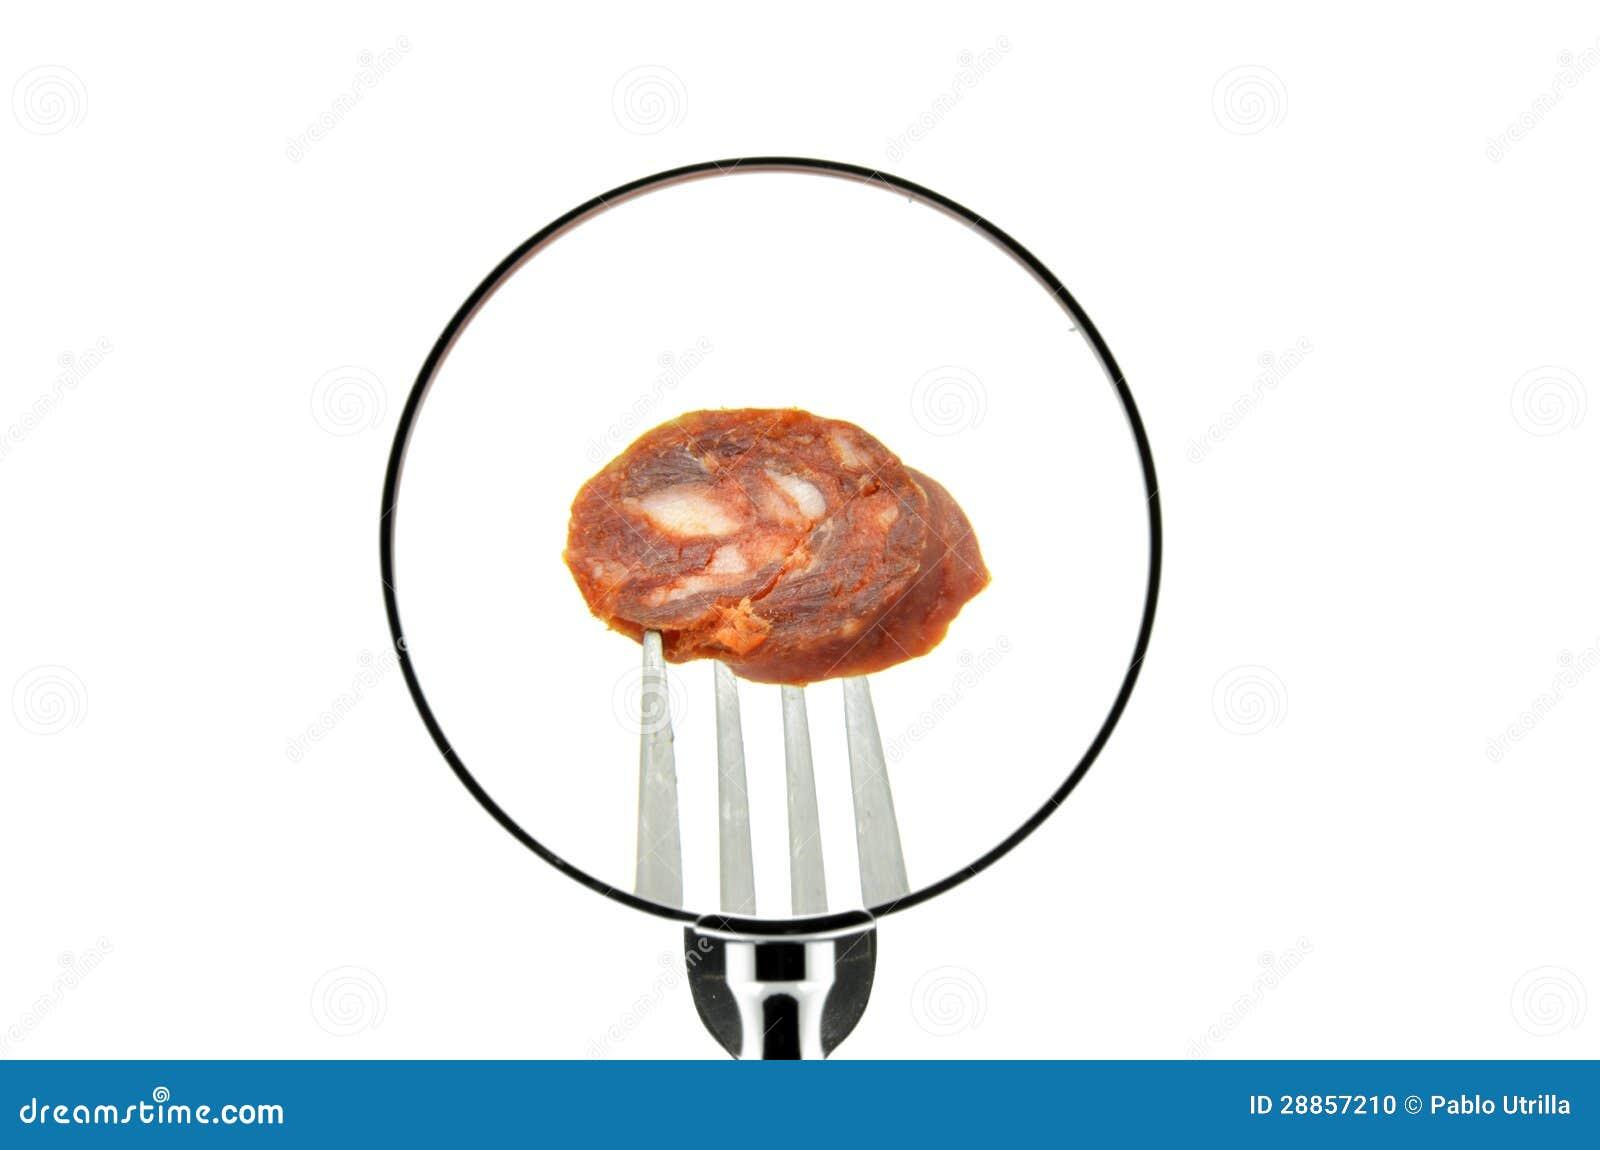 Un pezzo di salsiccia su una forcella ha perforato veduto dietro una lente d ingrandimento